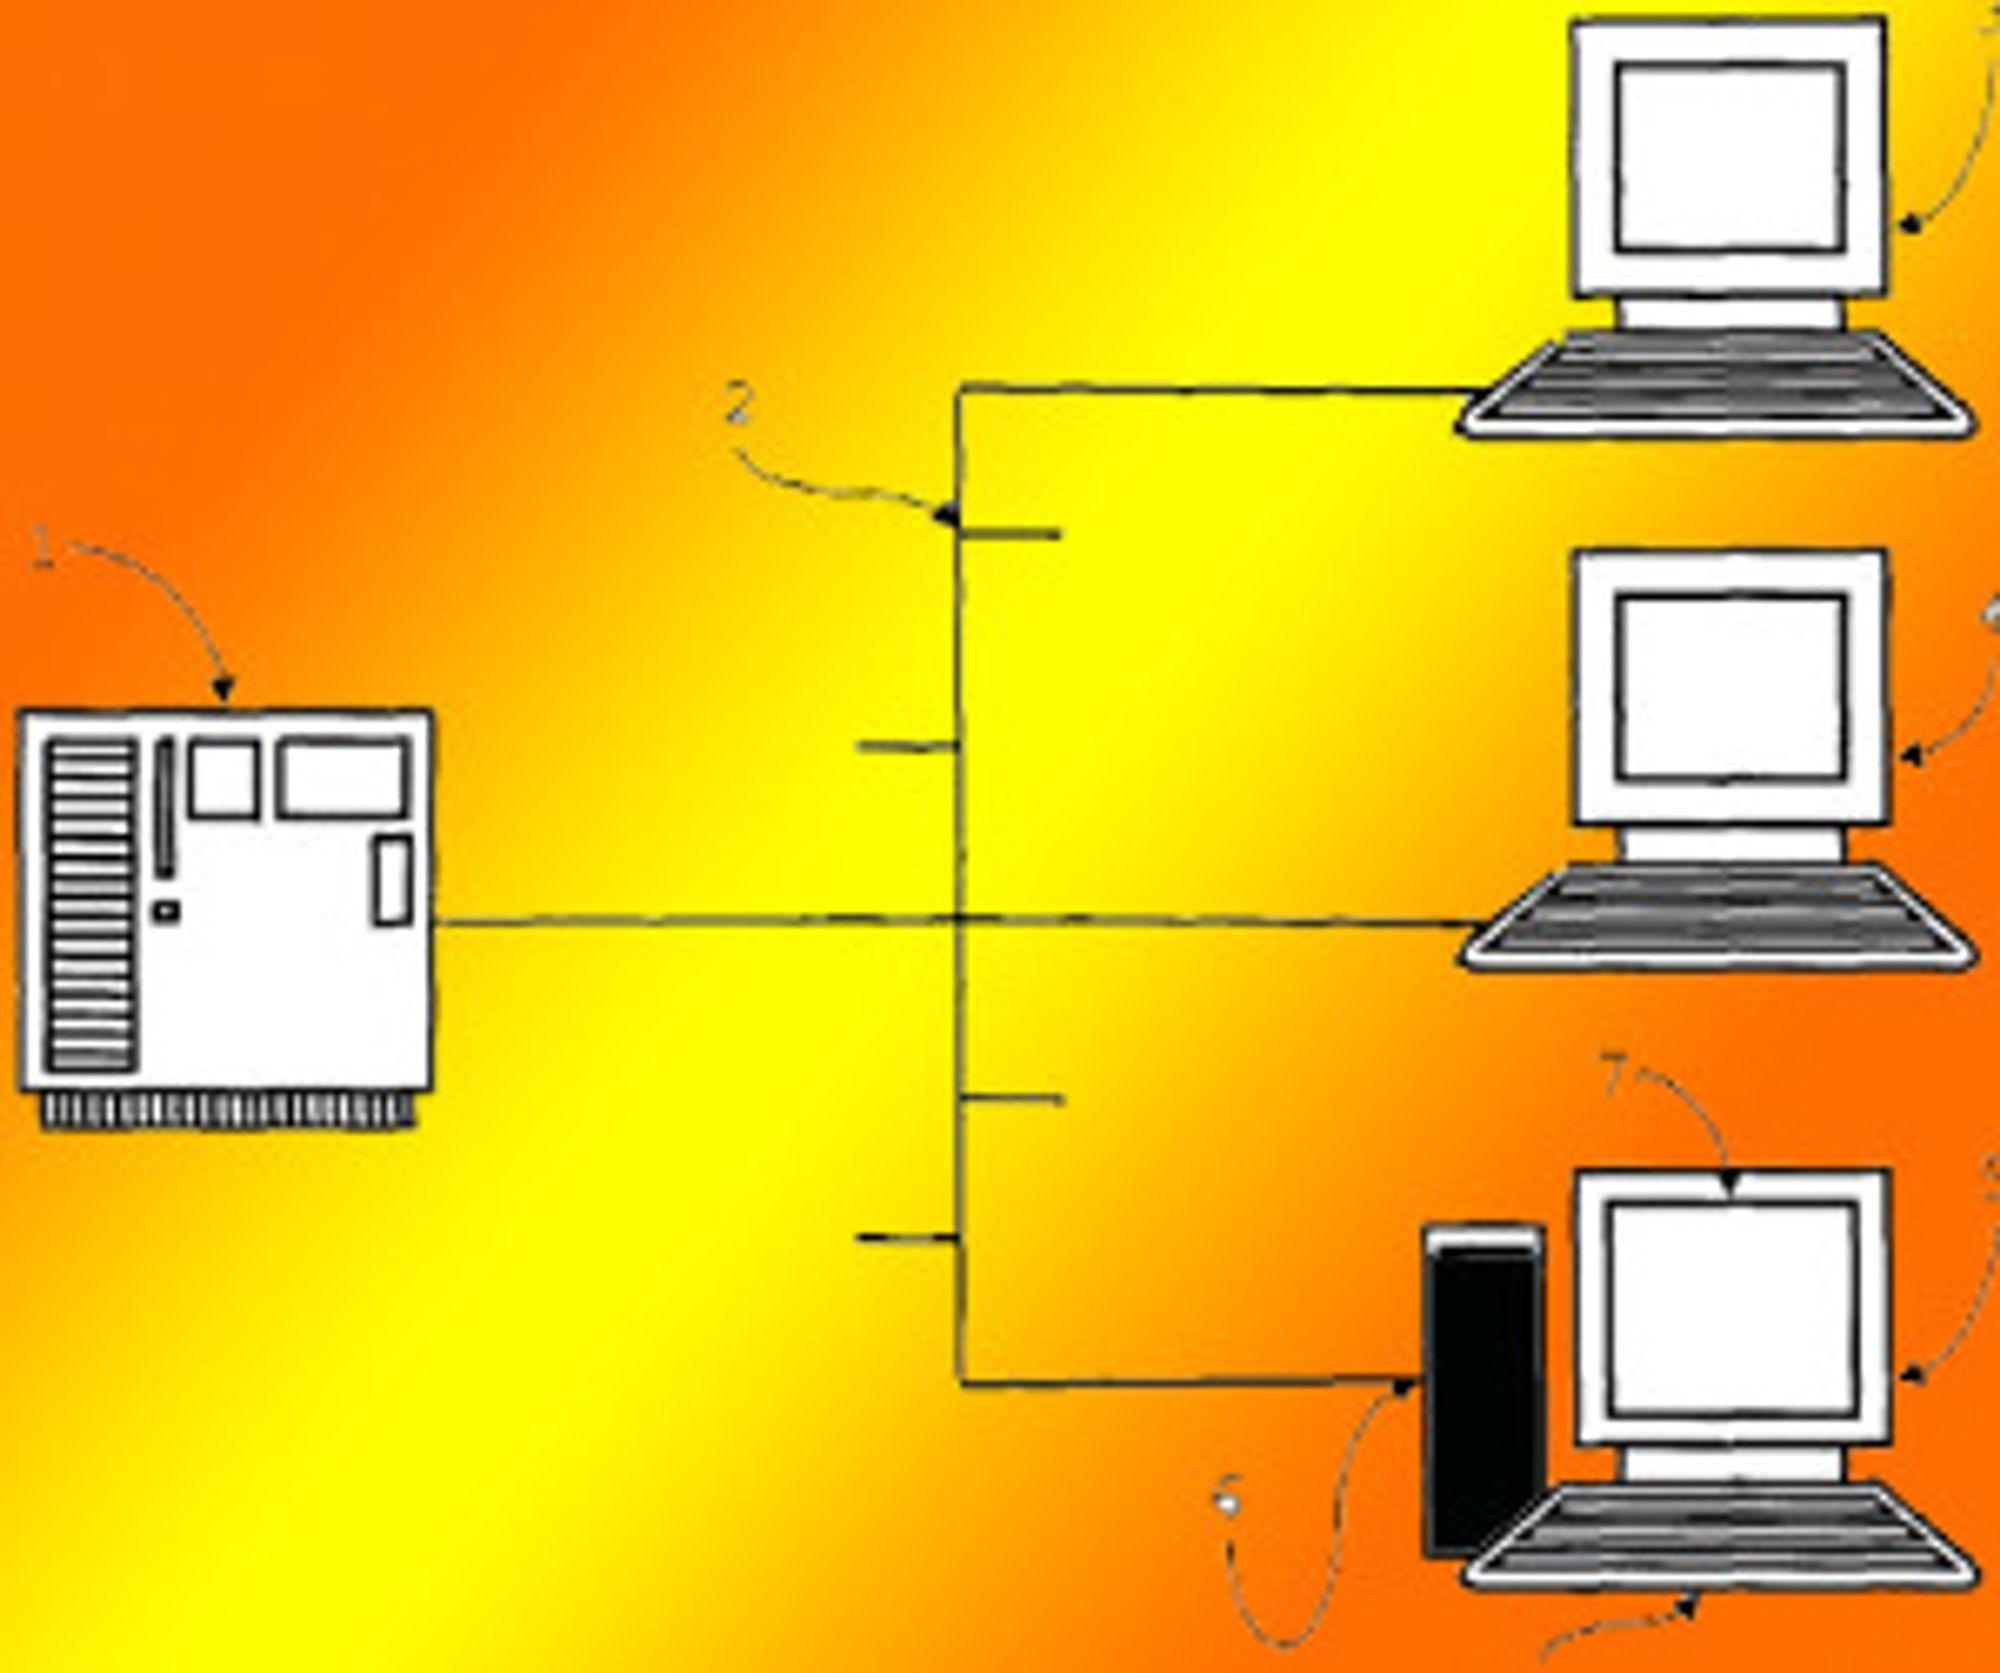 Serveren leverer virtuelle arbeidsflater til både tynne klienter (de to øverste) og fysiske pc-er. Prosessorkraften på pc-en kan brukes til å kjøre applikasjoner lokalt fra den virtuelle arbeidsflaten fra serveren. Skissen er hentet fra patentet.